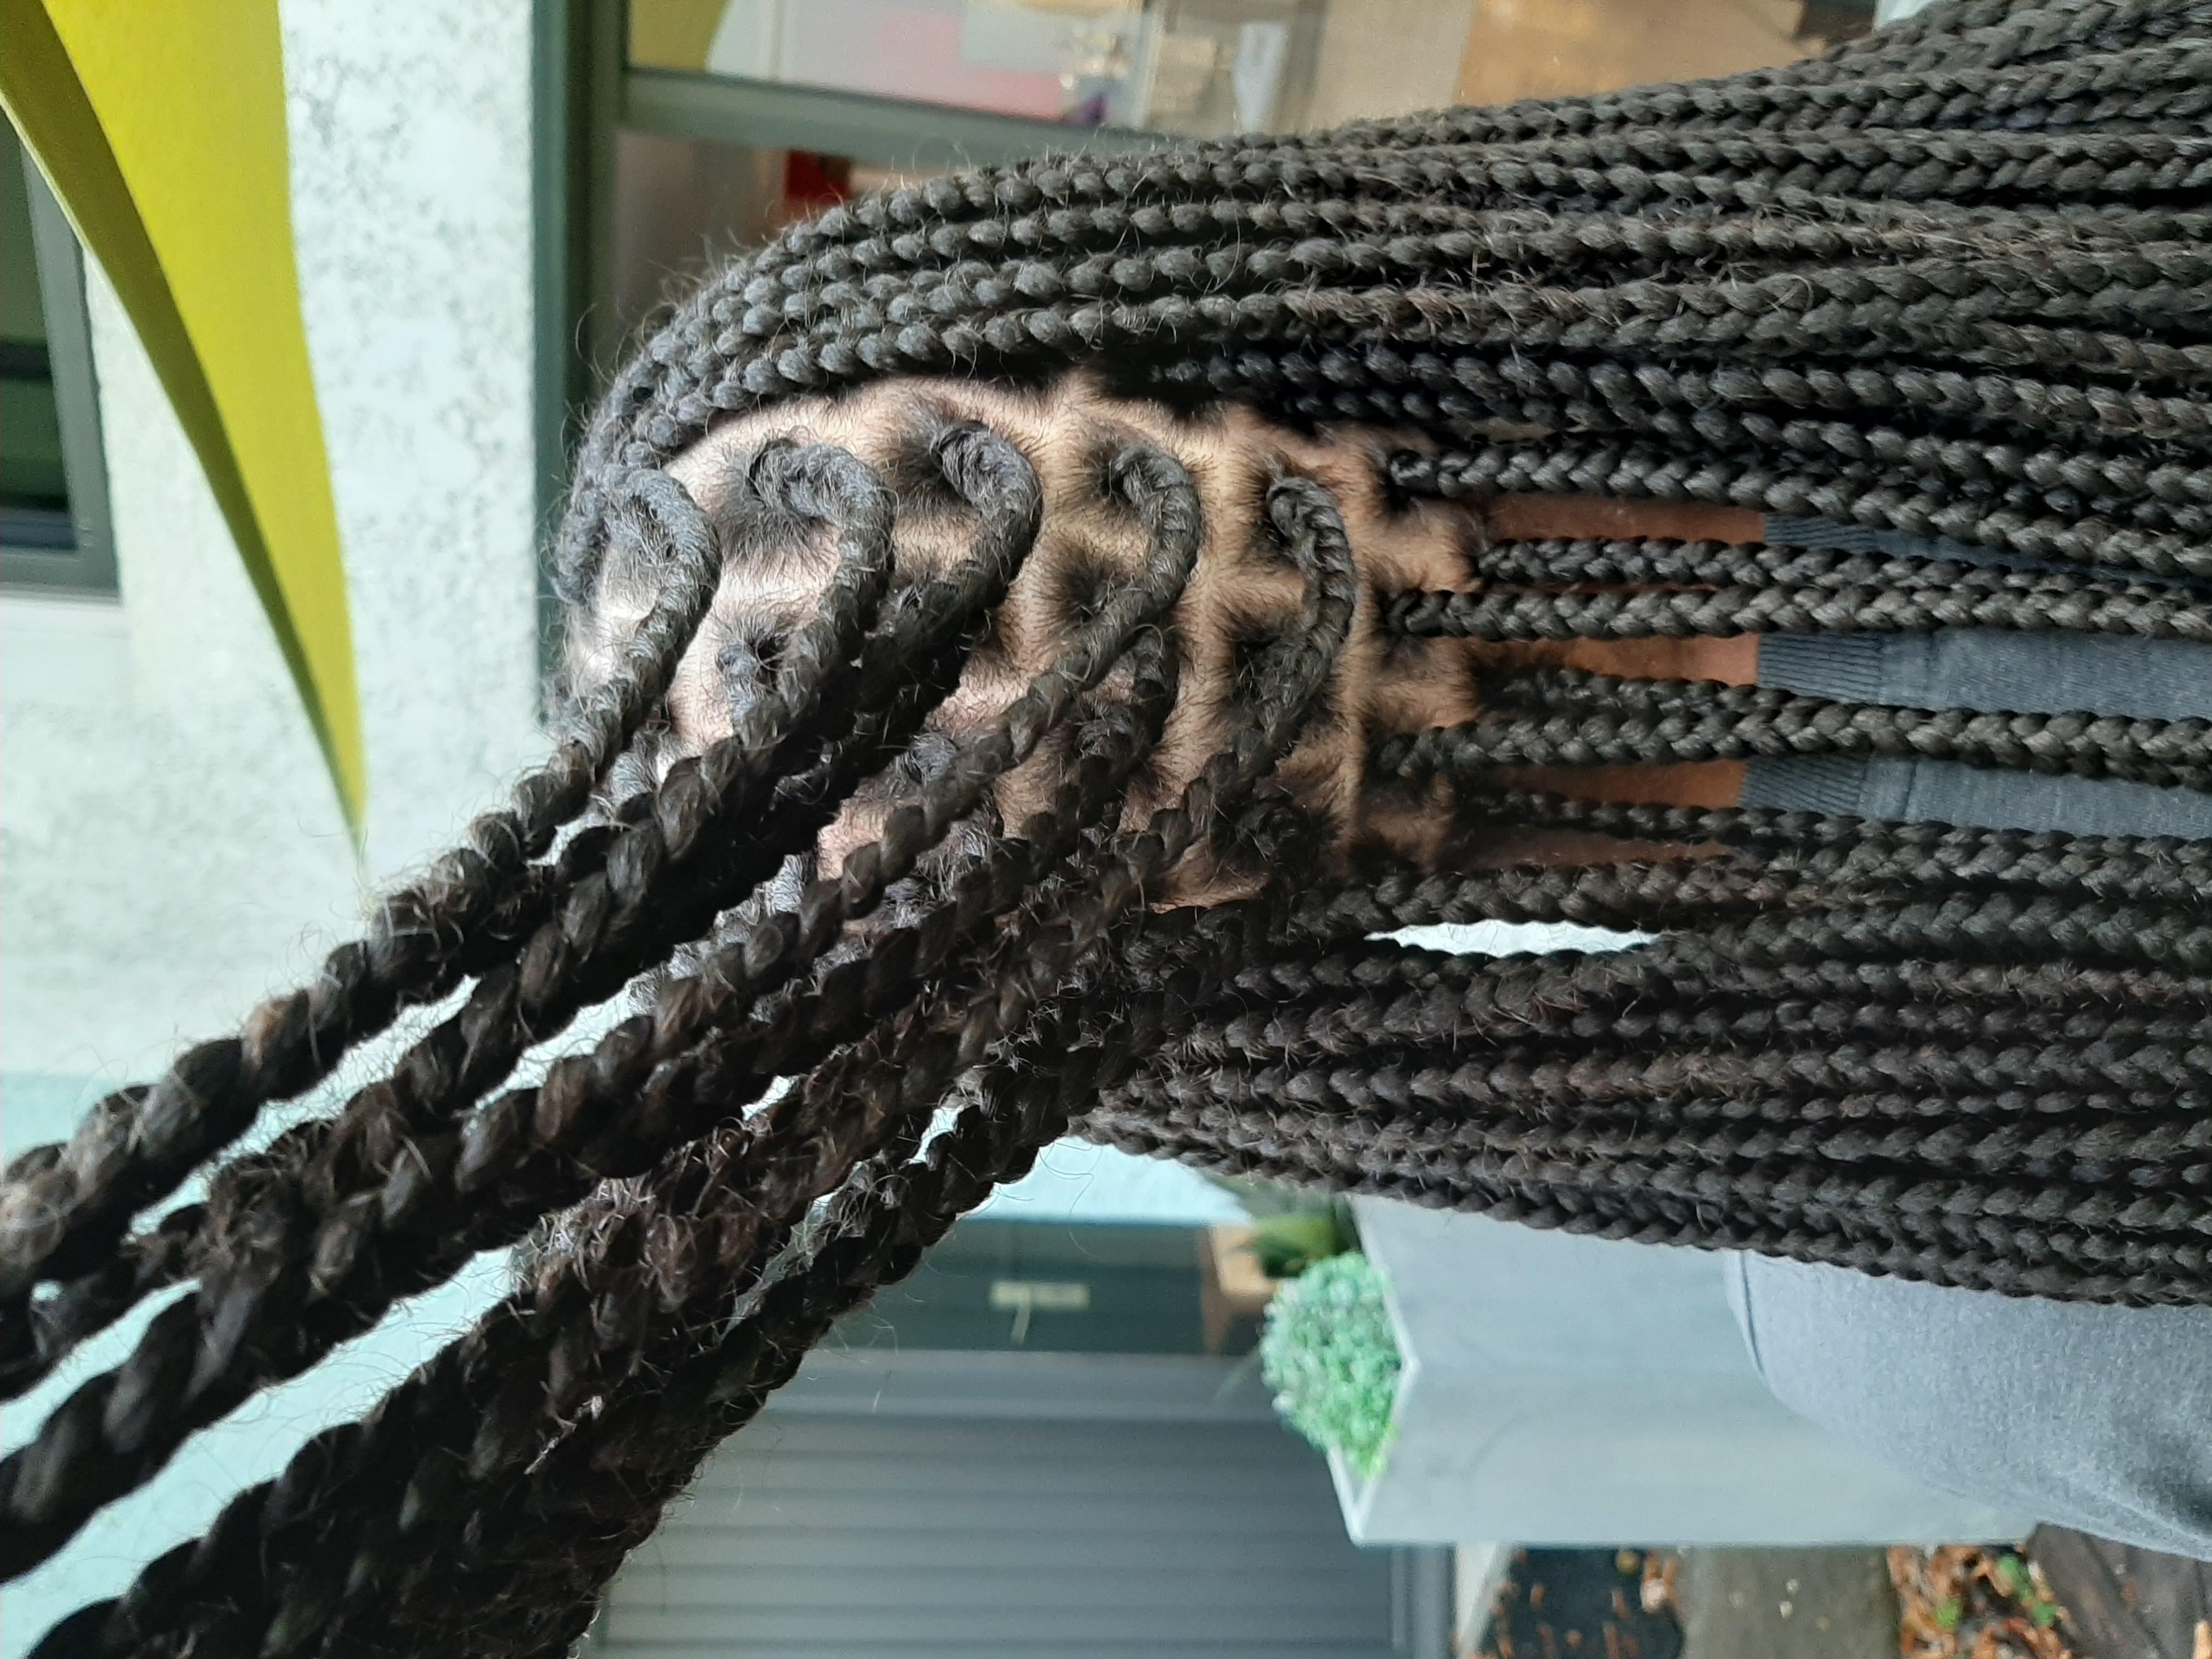 salon de coiffure afro tresse tresses box braids crochet braids vanilles tissages paris 75 77 78 91 92 93 94 95 KYZHDPWK